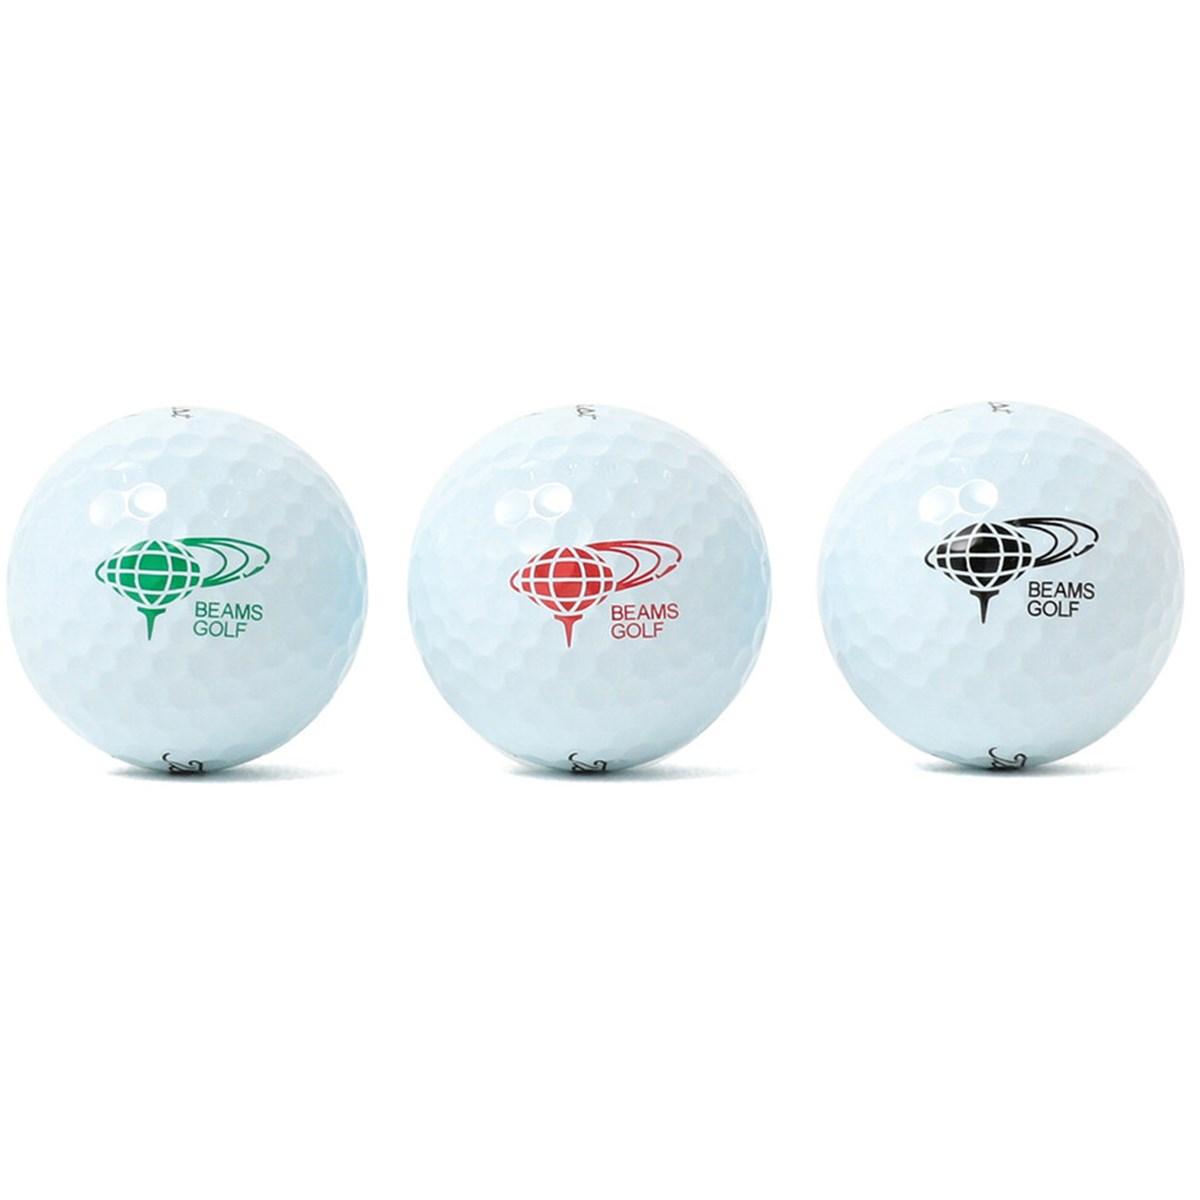 ビームスゴルフ Titleist×BEAMS GOLF Pro V1 ゴルフボール